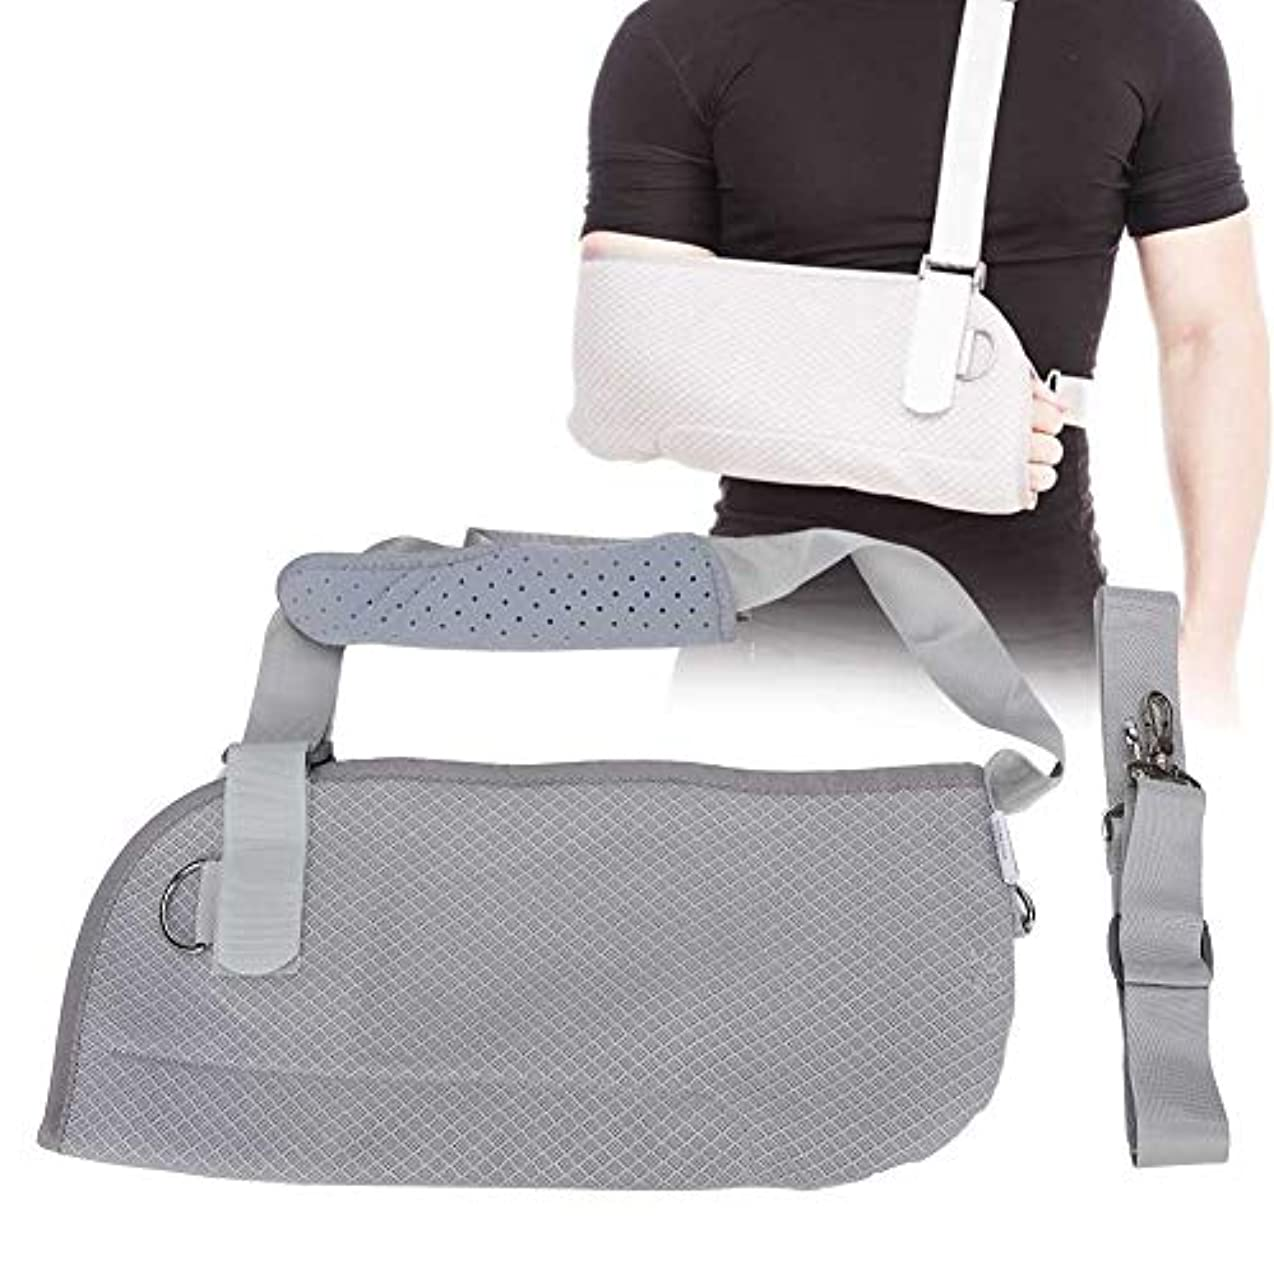 可能性トリクルデザート腕のスリング、調節可能な上腕装具、亜脱臼、脱臼、捻挫、手首の捻挫、前腕骨折治療